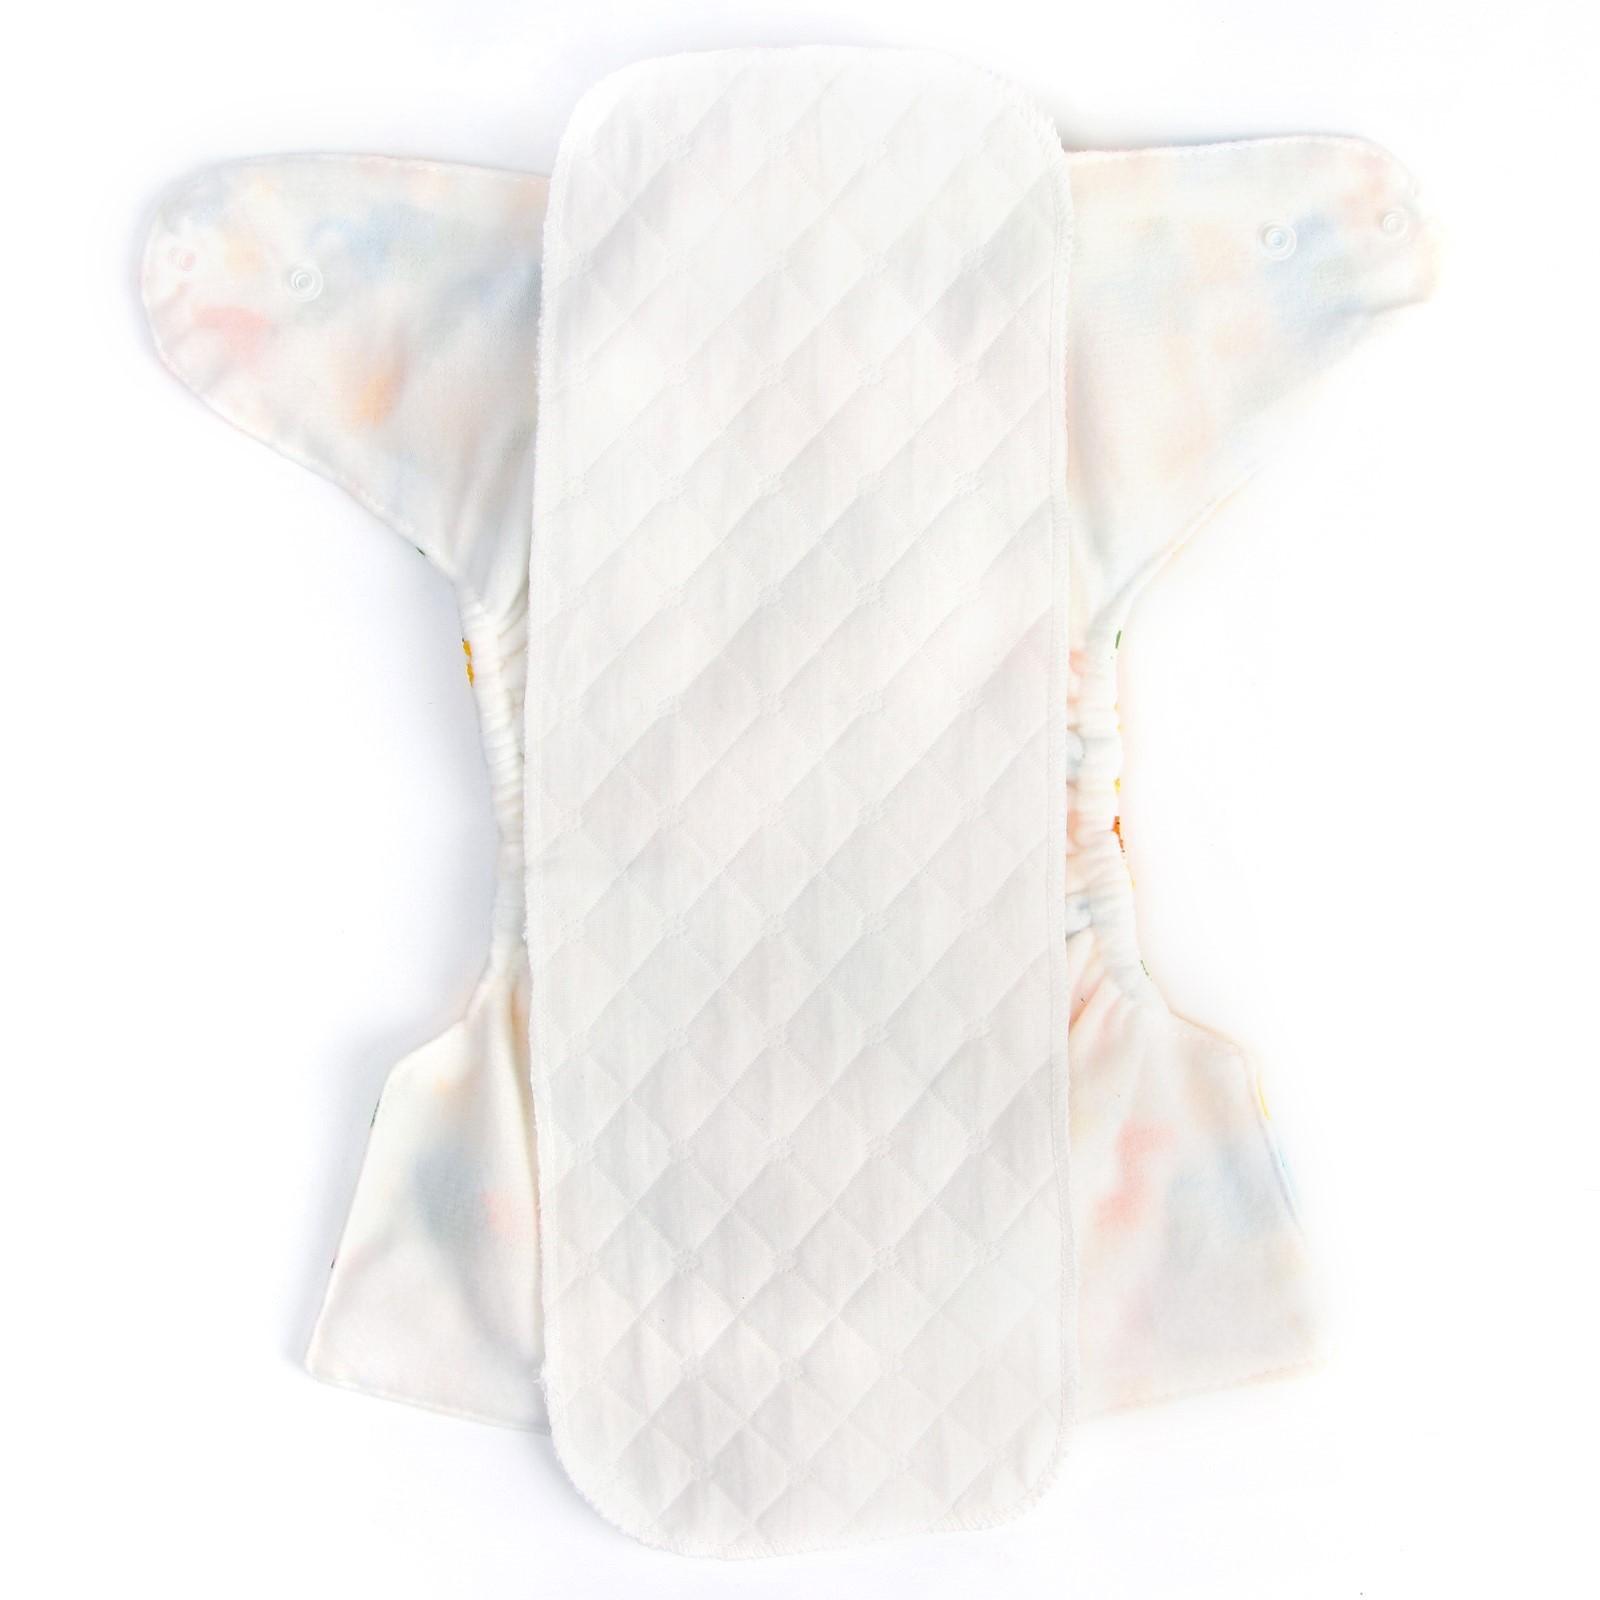 Вкладыш в многоразовый подгузник, двуслойный (521584) - Купить по ... 1cedcf1a1e9